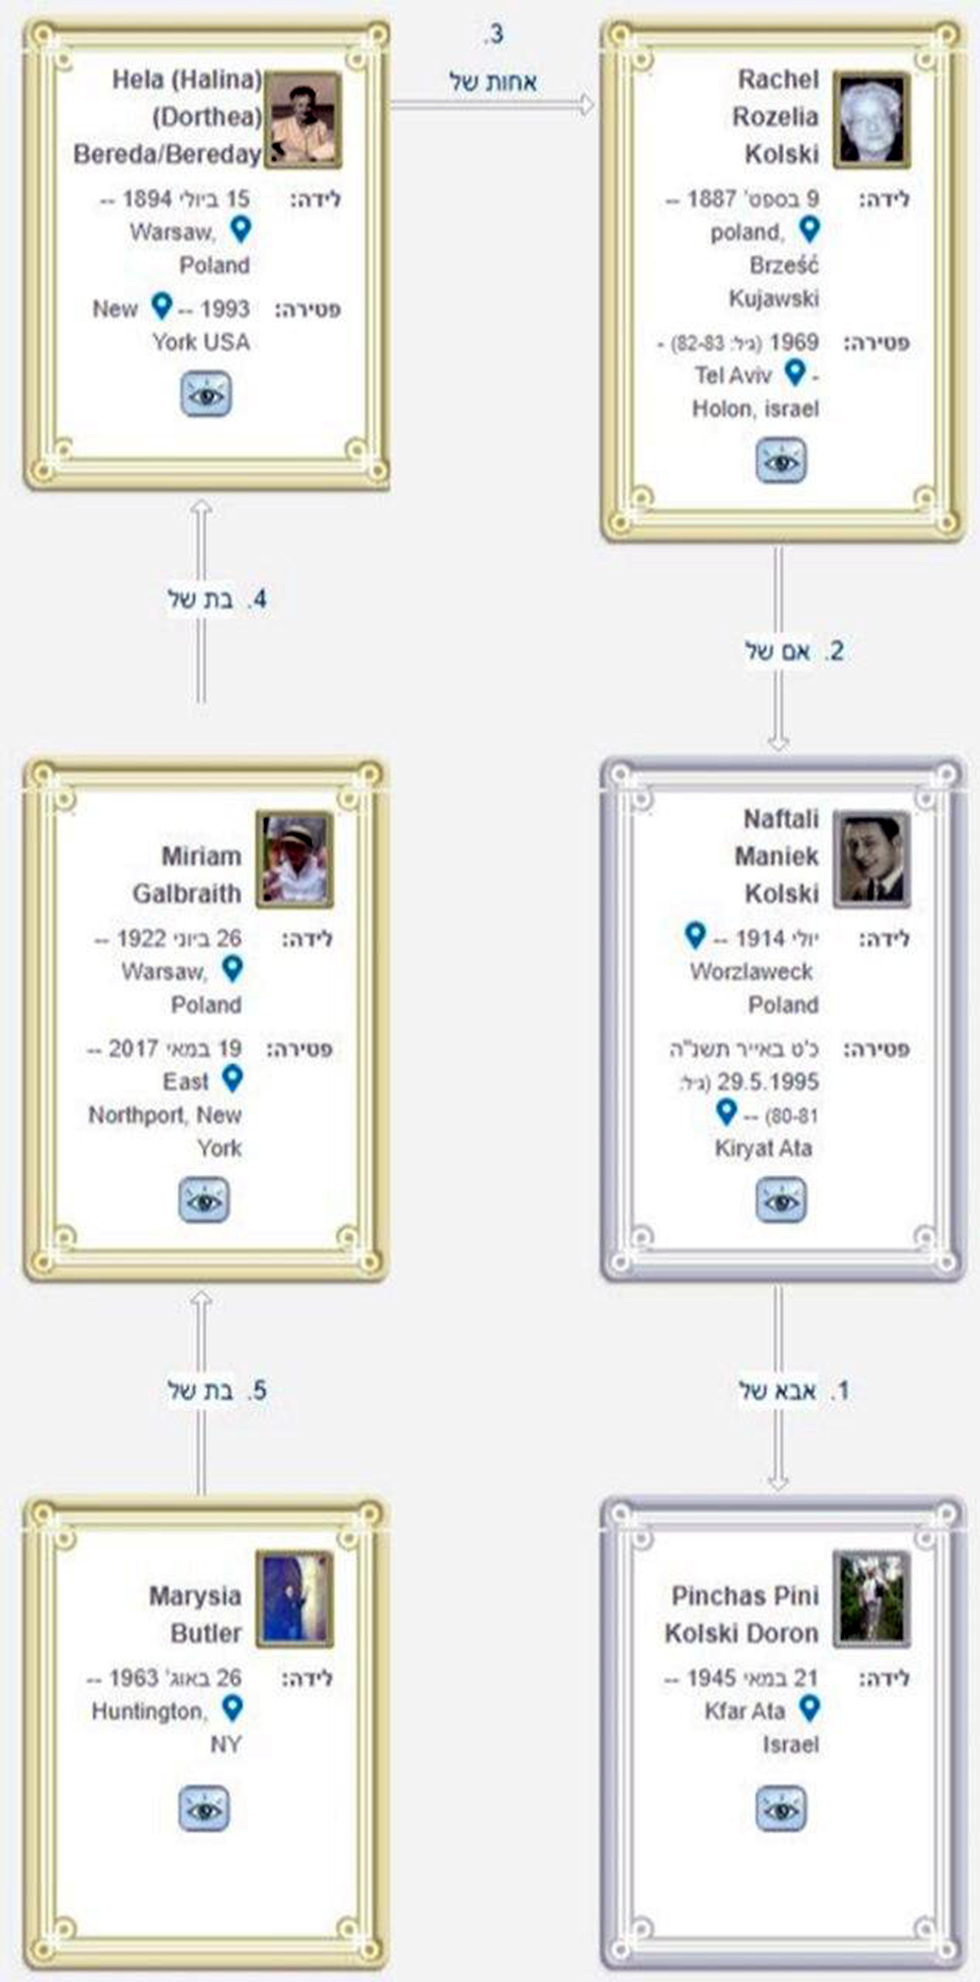 הקשר המשפחתי בין פיני למרישה ()